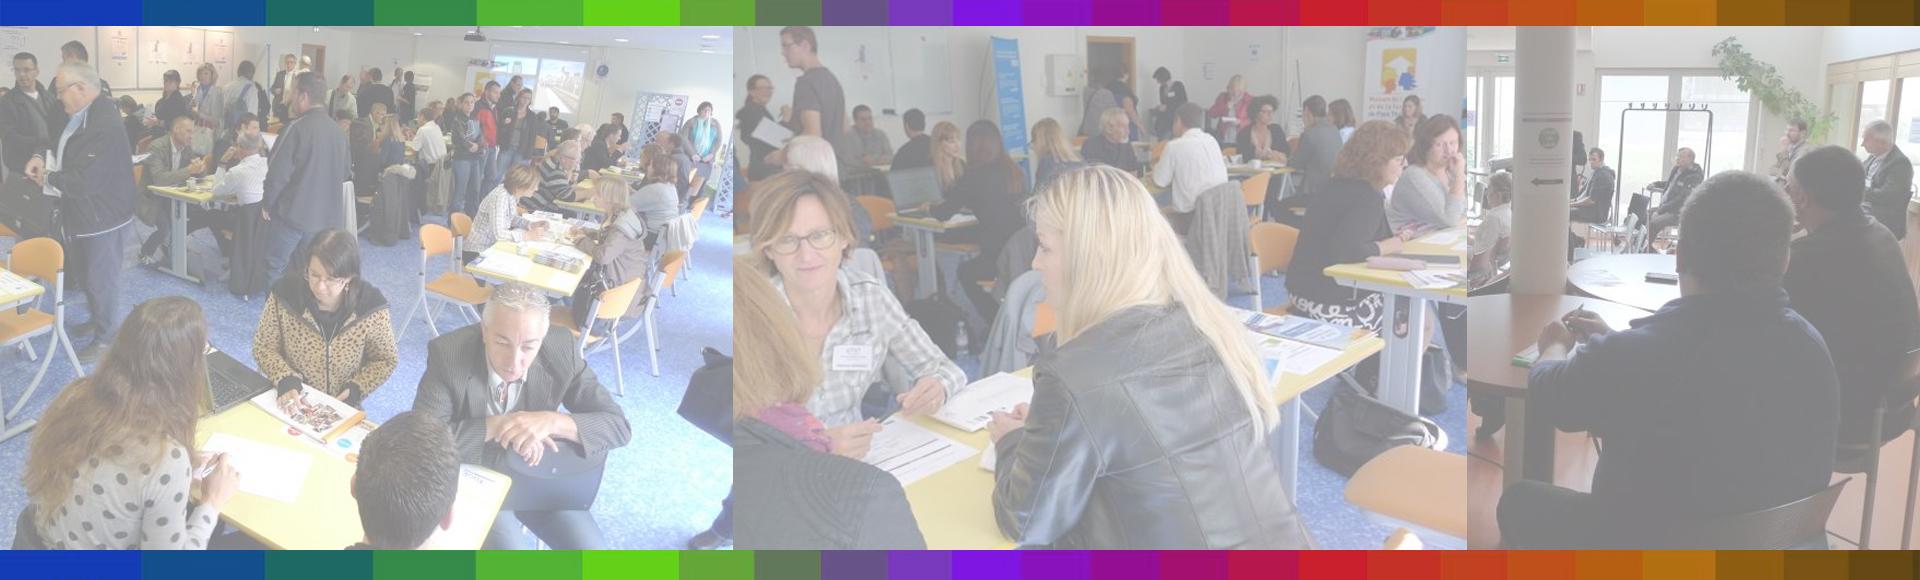 Forum de la création & développement d'entreprise à Thur Doller le 16 septembre